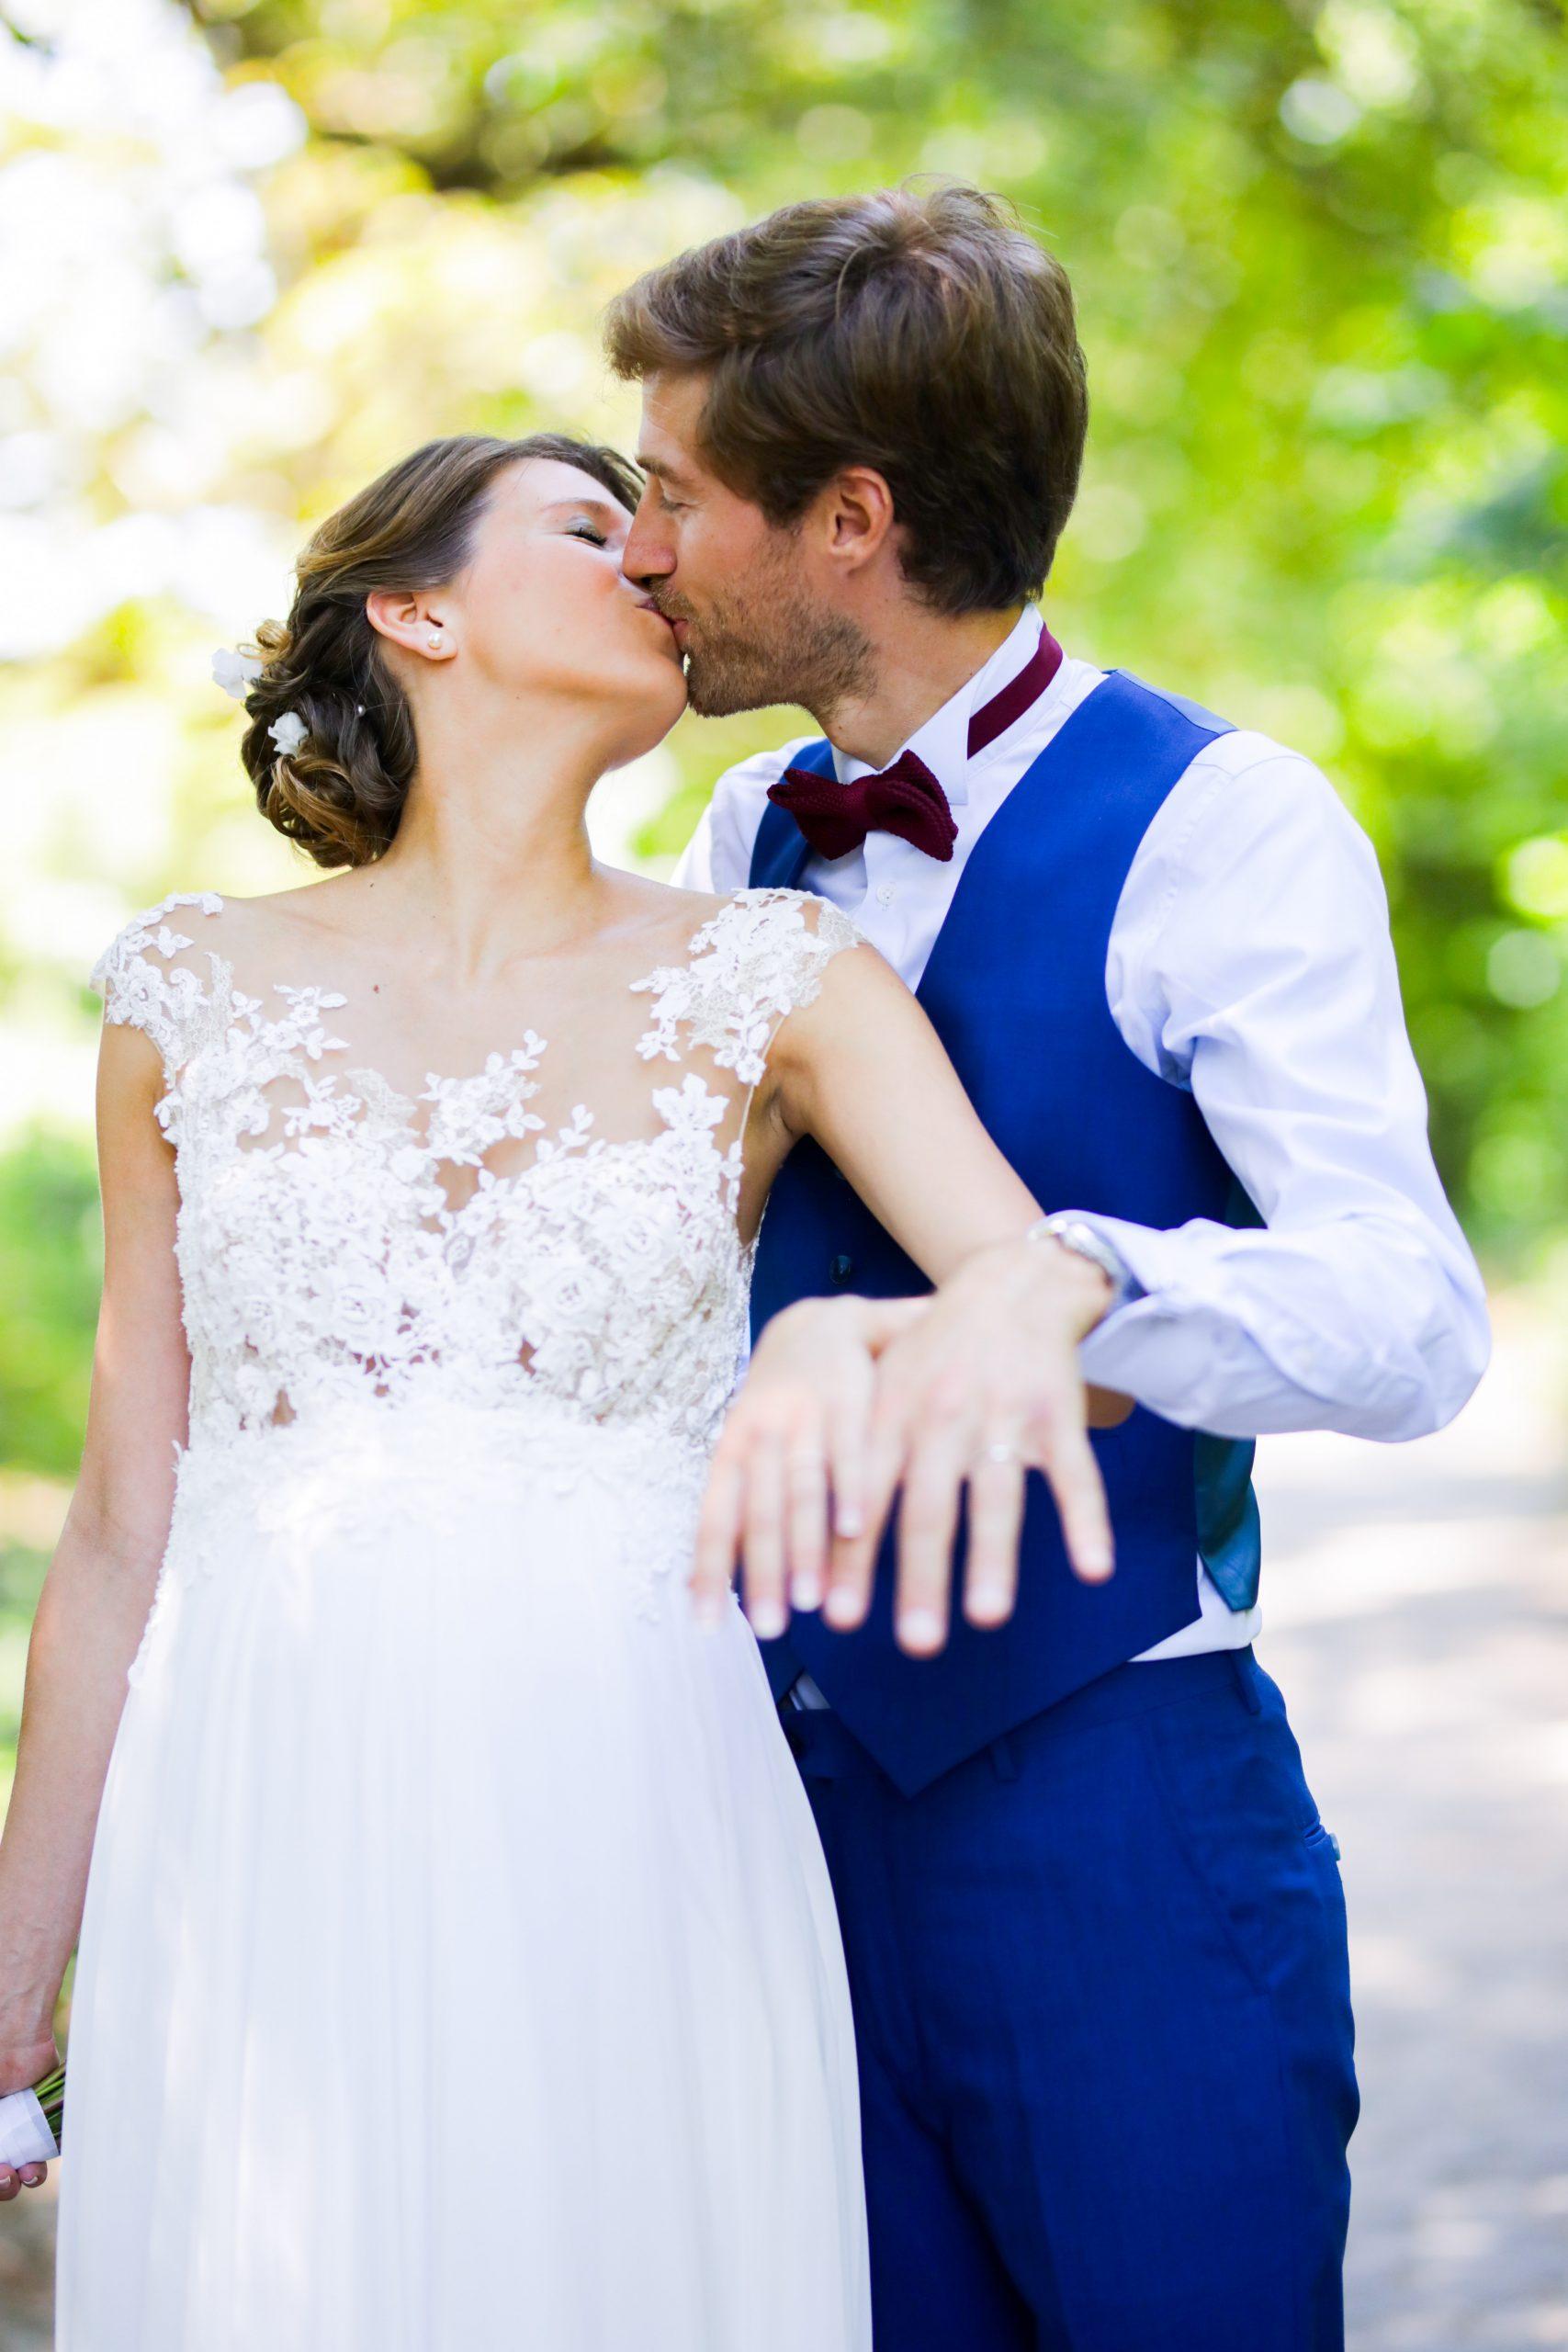 Photographie mariage - Séance couple - Photographe mariage - Paris- Montpellier - Nice - original - alliances originales - Mariage Hérault